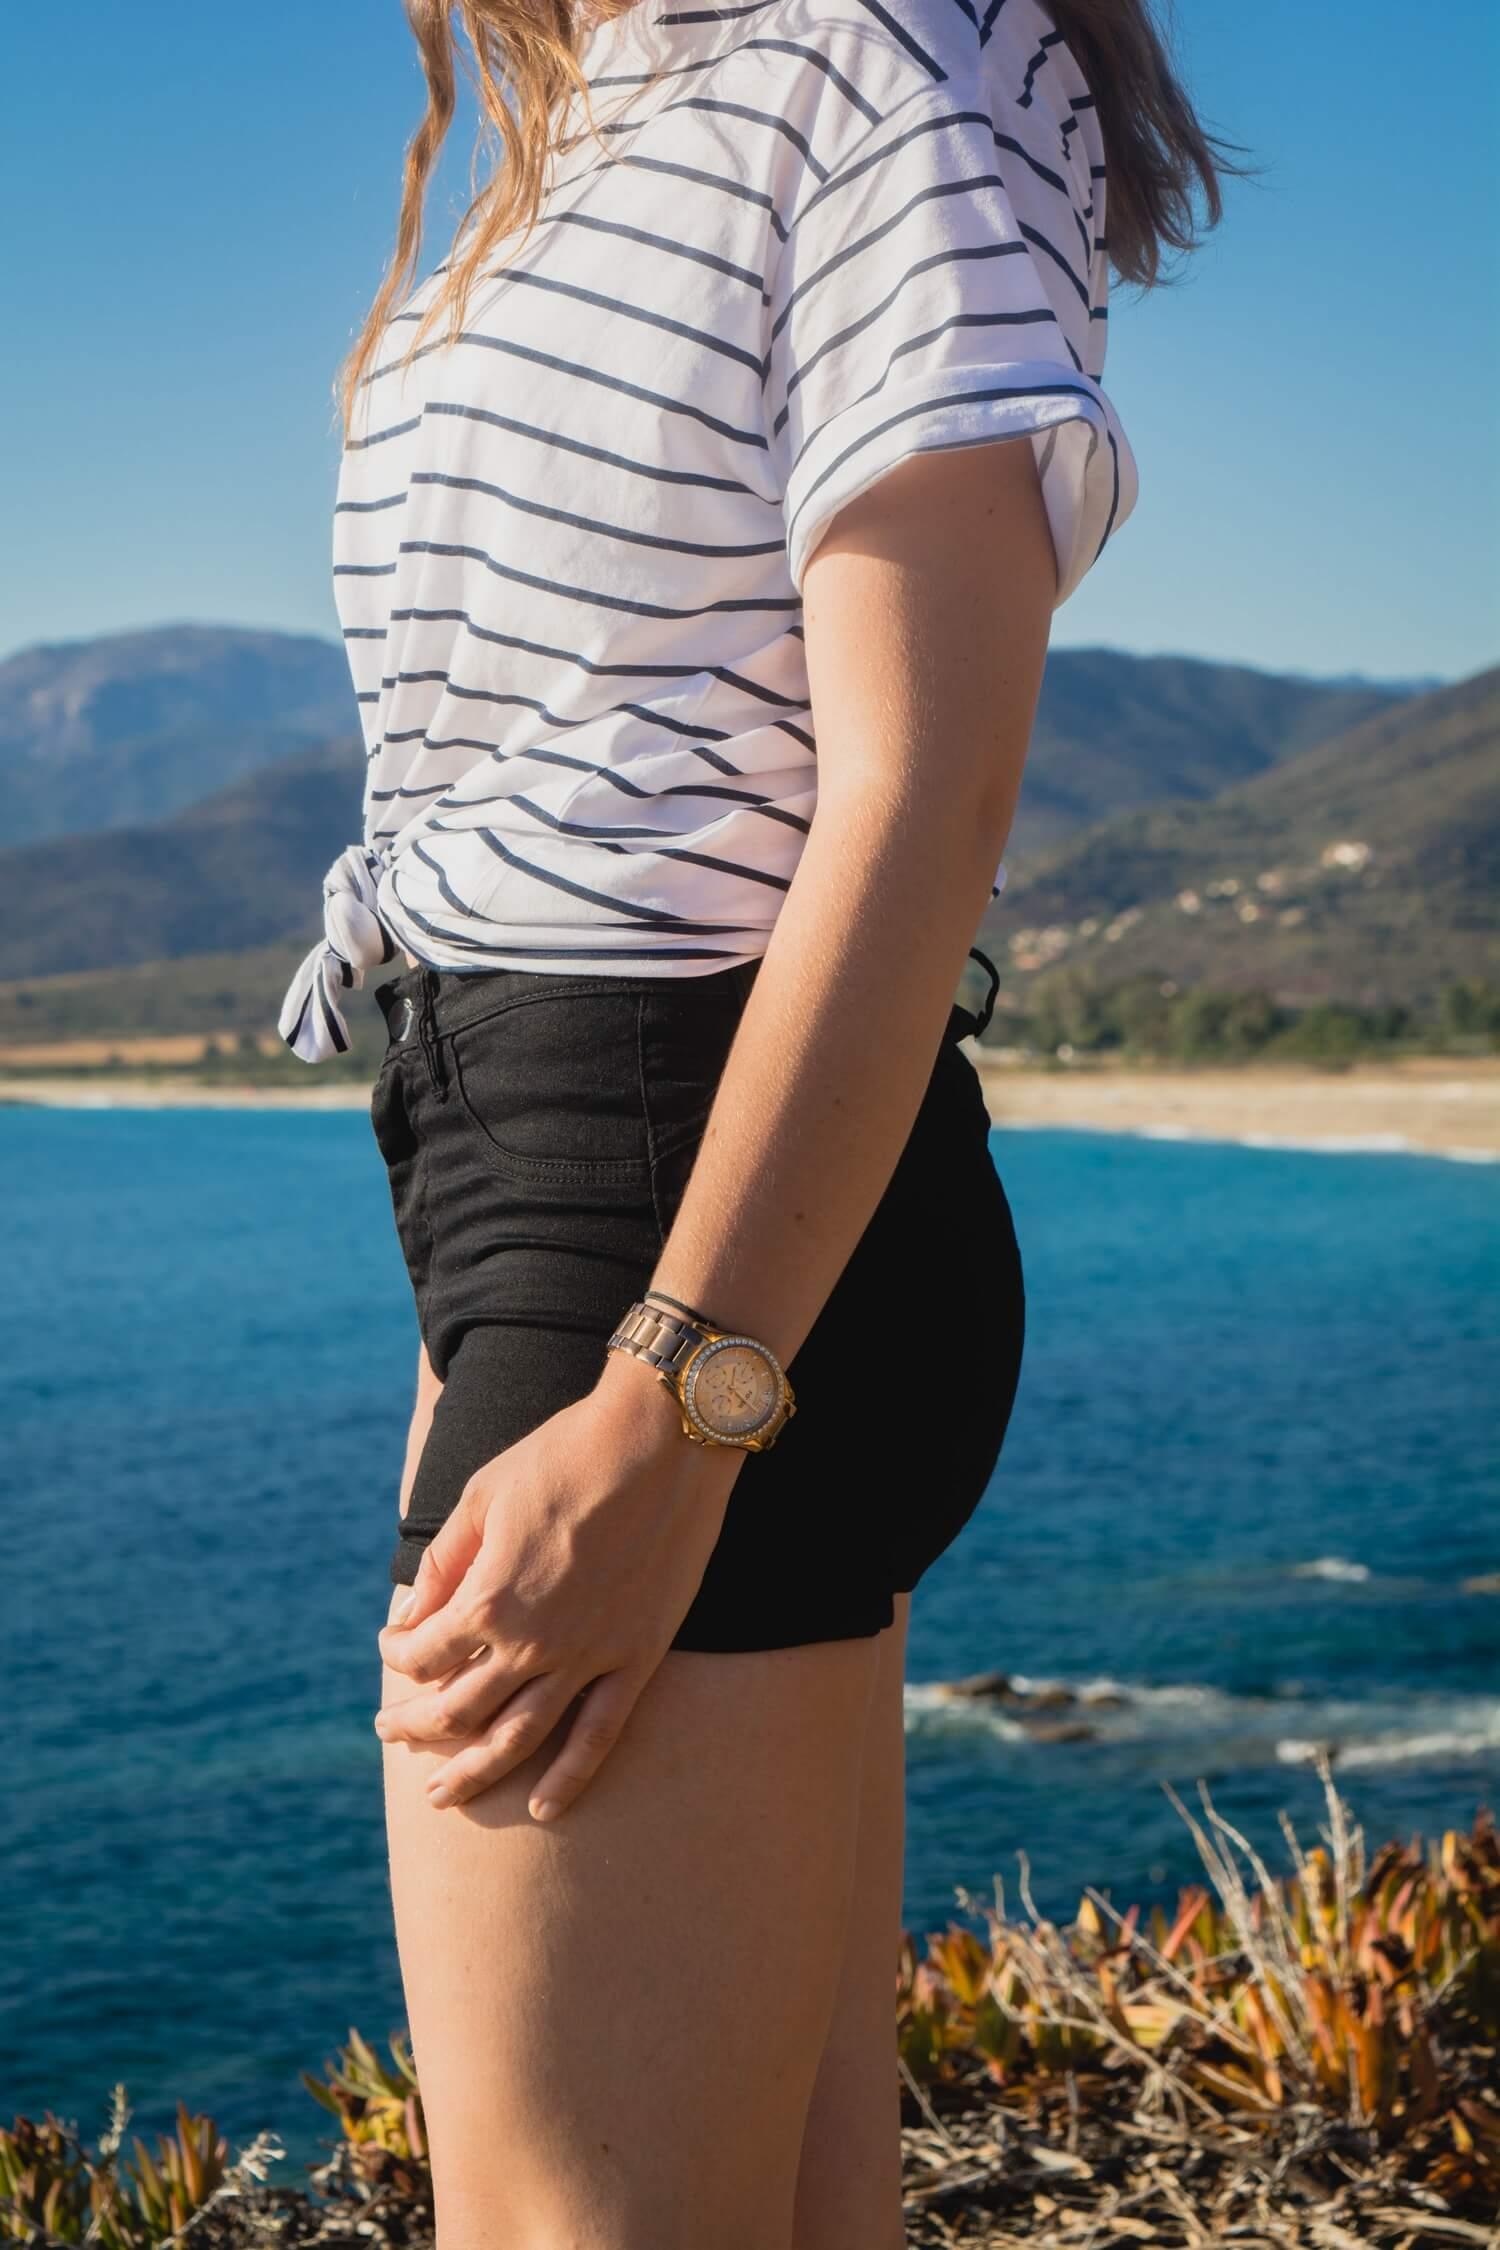 Le t-shirt oversize est très tendance cet été ! Voici comment j'ai décicé de porter mon t-shirt oversize de chez Tally Weijl (plus de détails sur happinesscoco.com) | Blog Corse